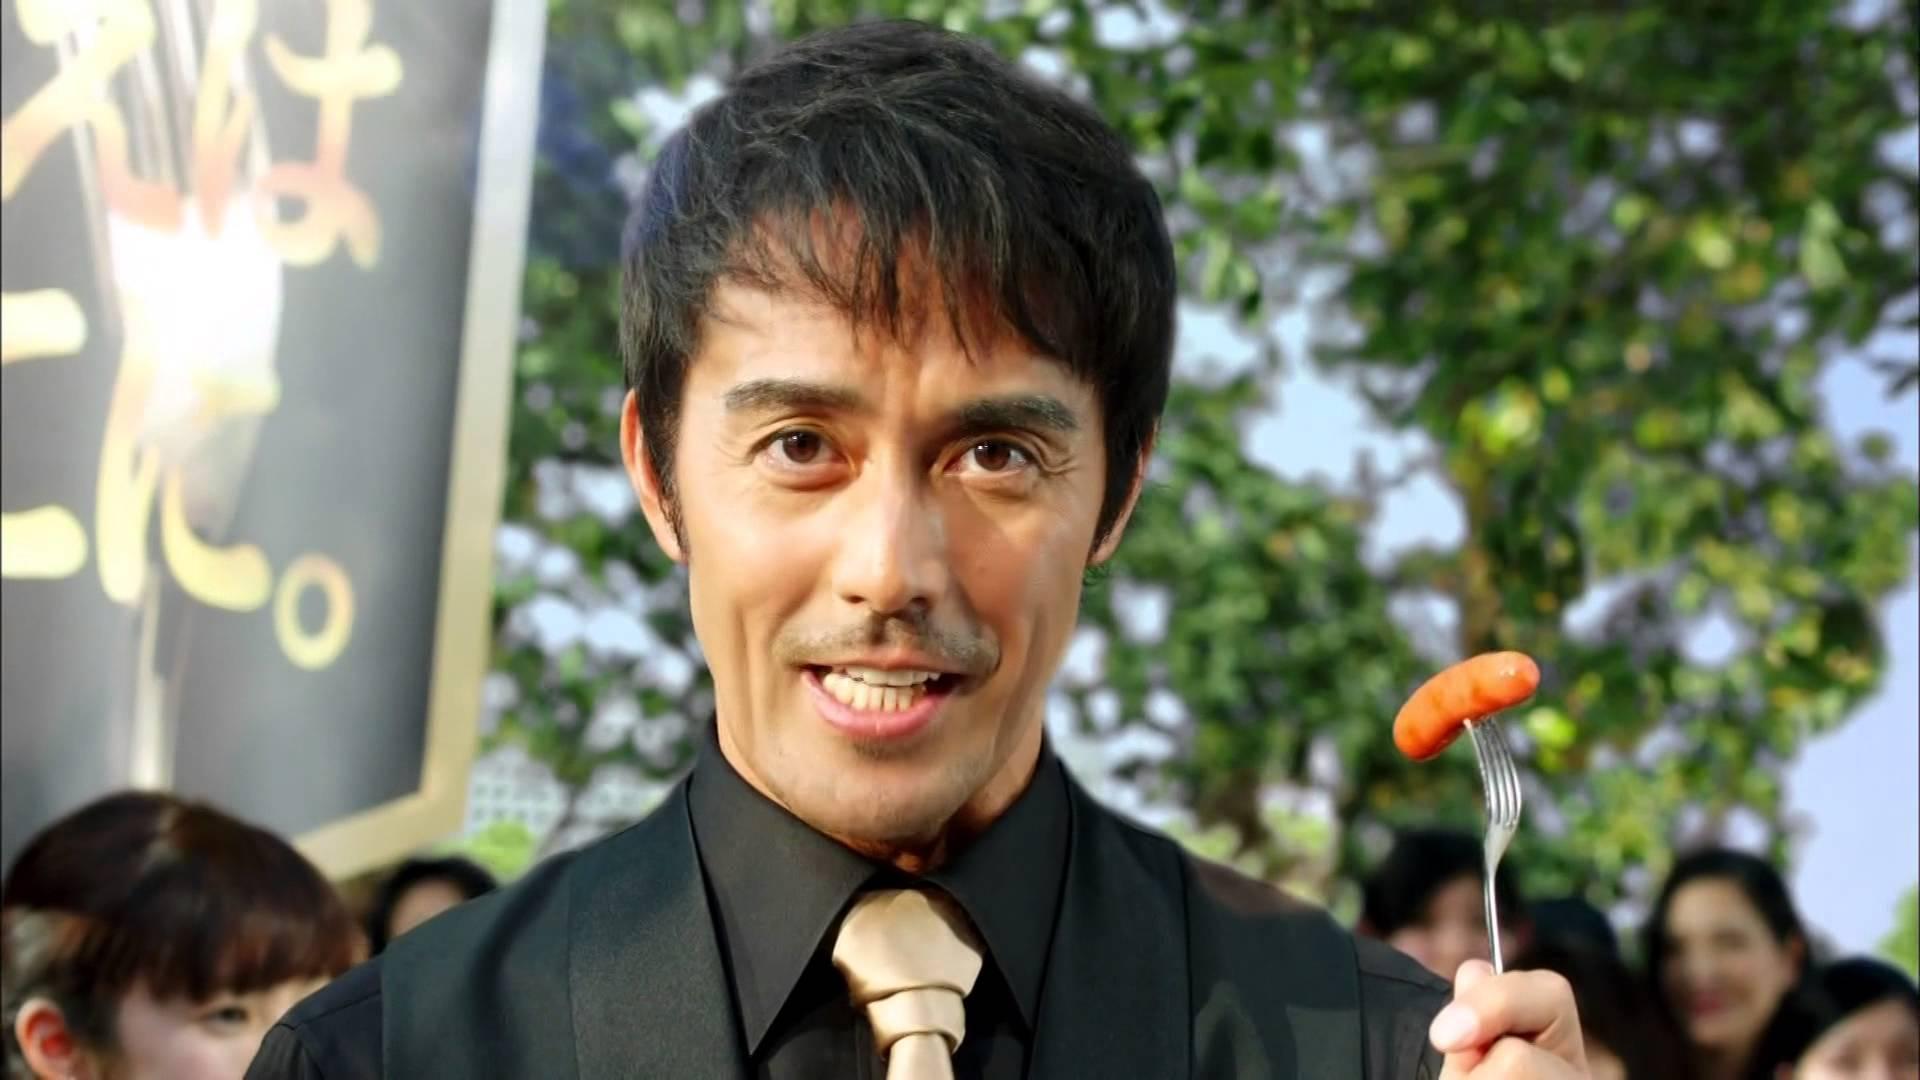 大人気の高身長俳優、阿部寛さん!でも身長が何cmか知ってる?のサムネイル画像